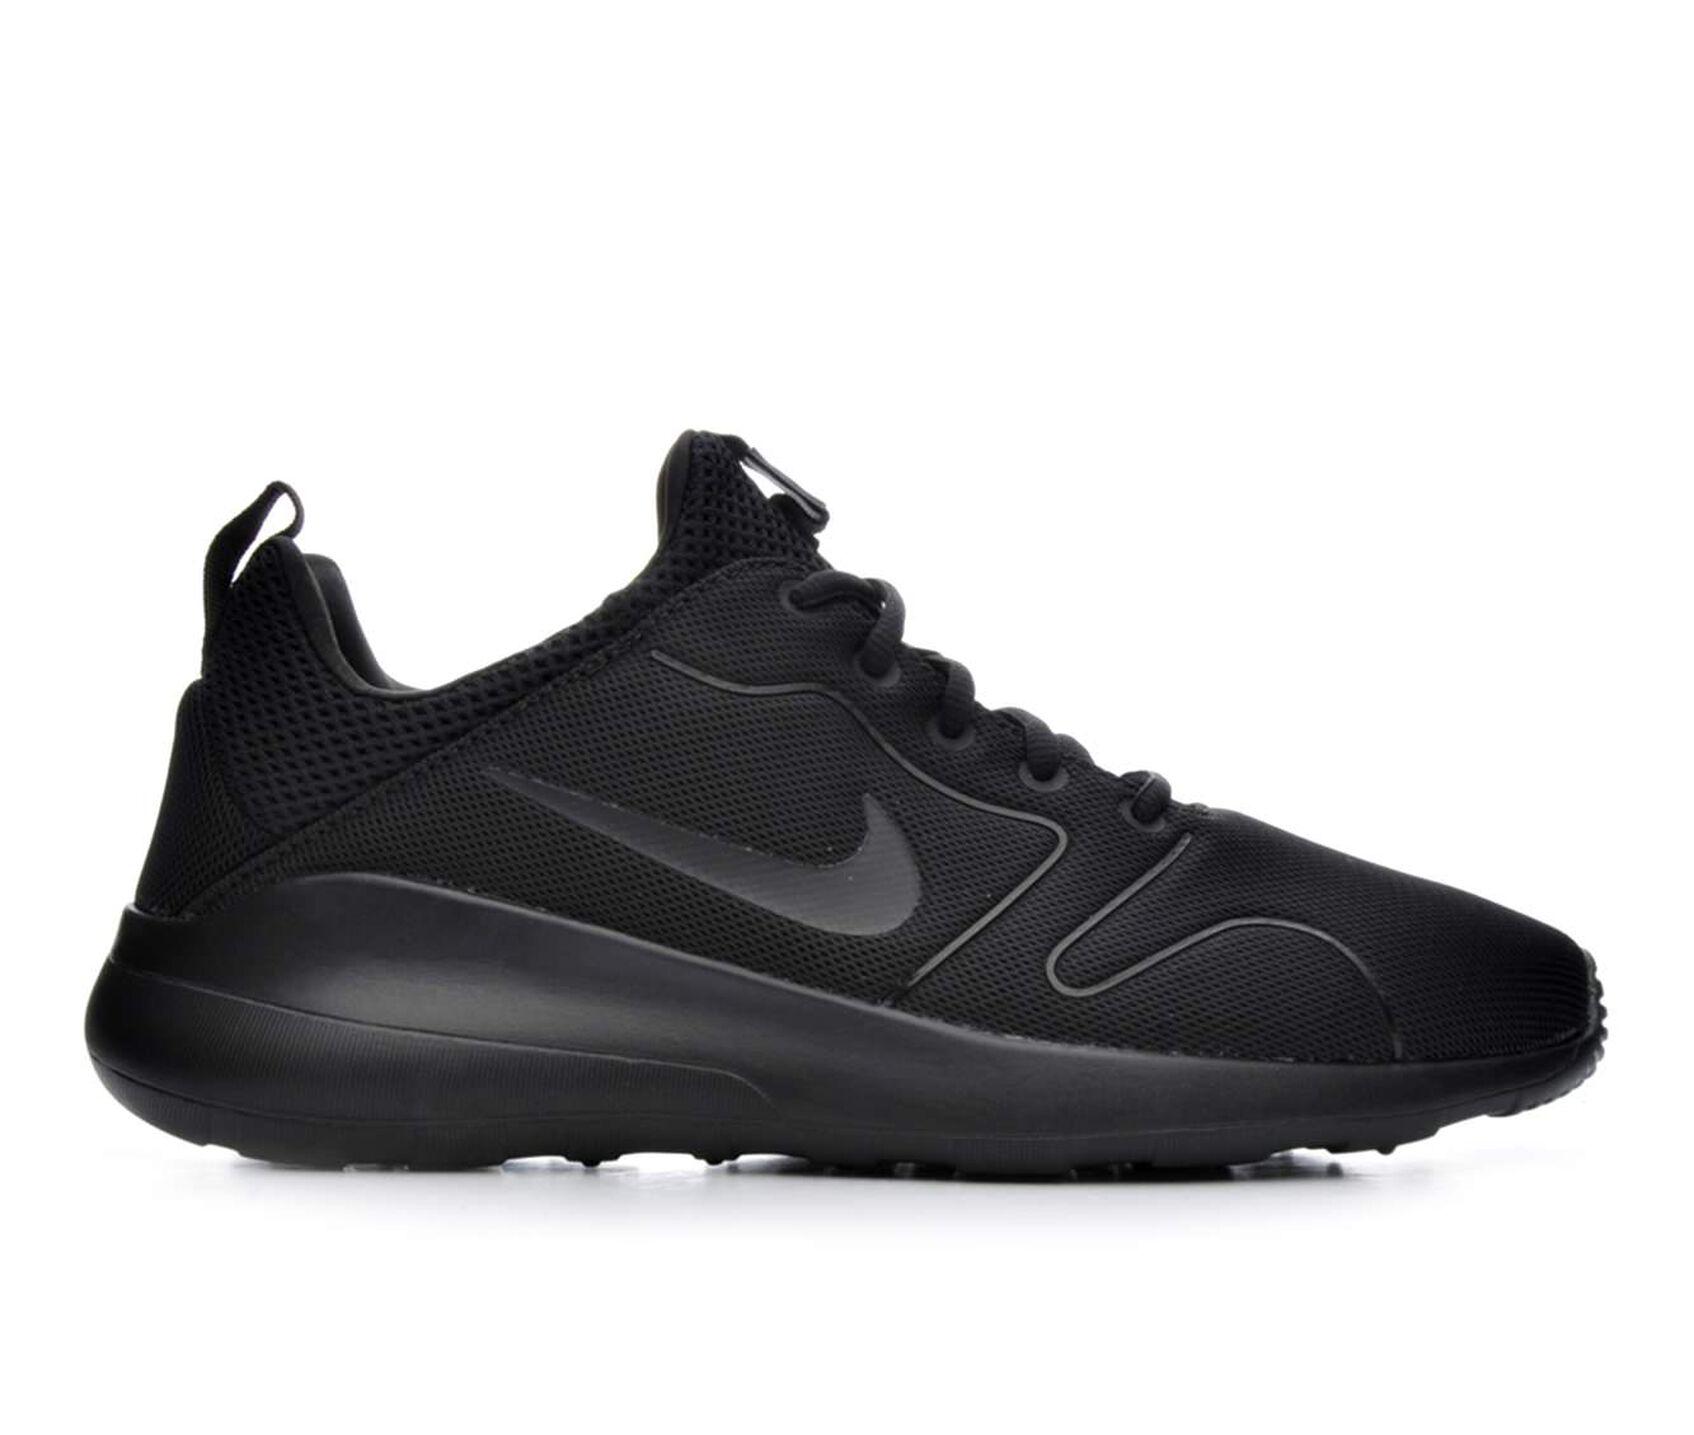 e66a74dc8e84 Nike Lunarglide Air Max Boys Kd